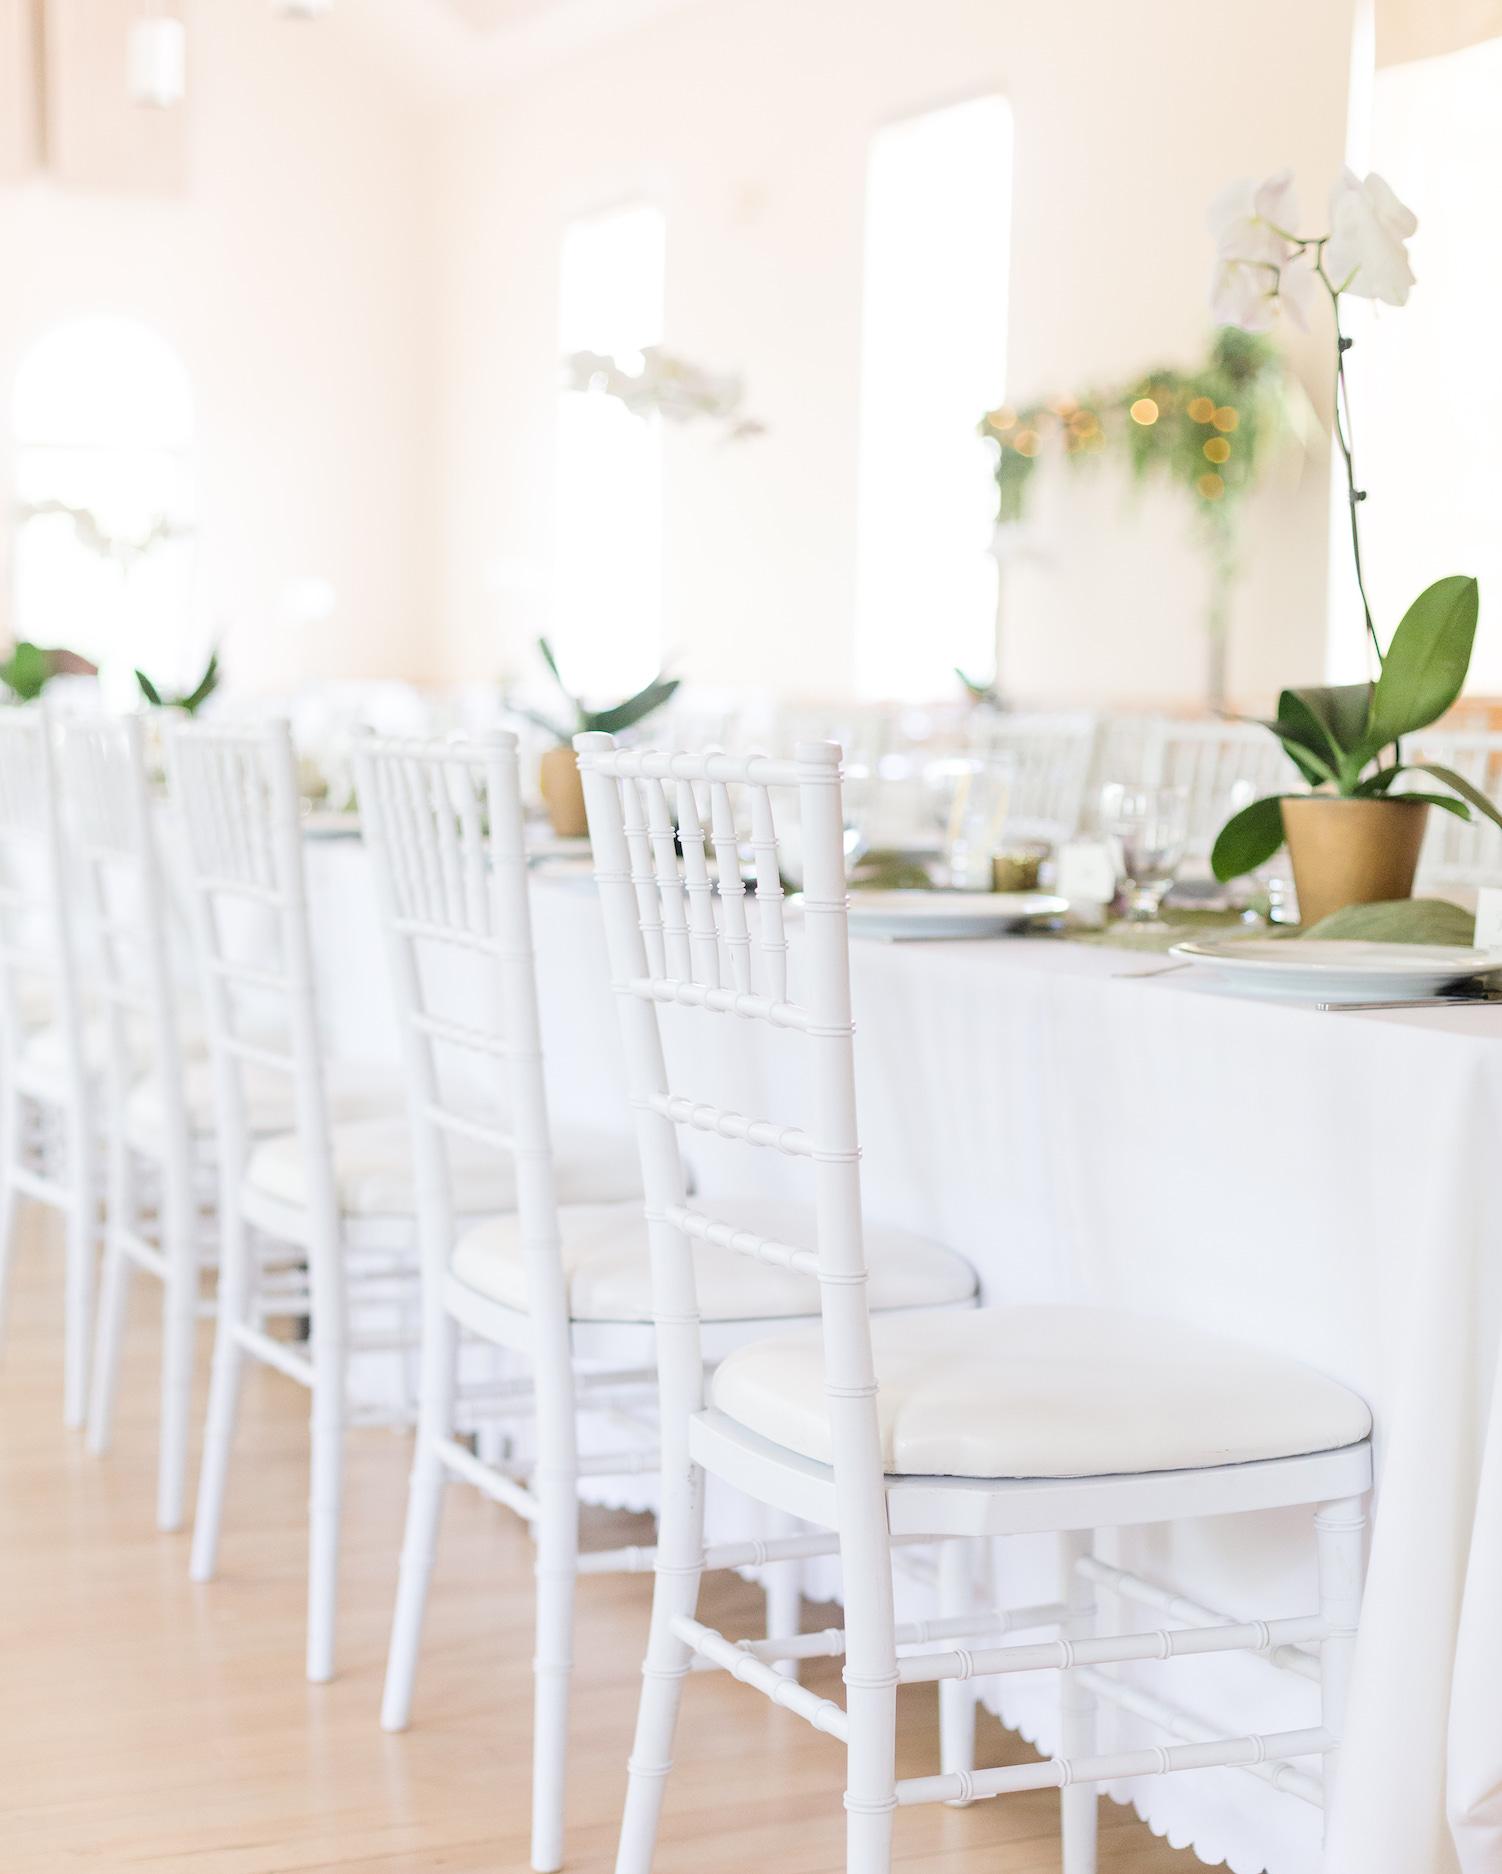 laura-vidal-design-wedding-reception-3.jpg